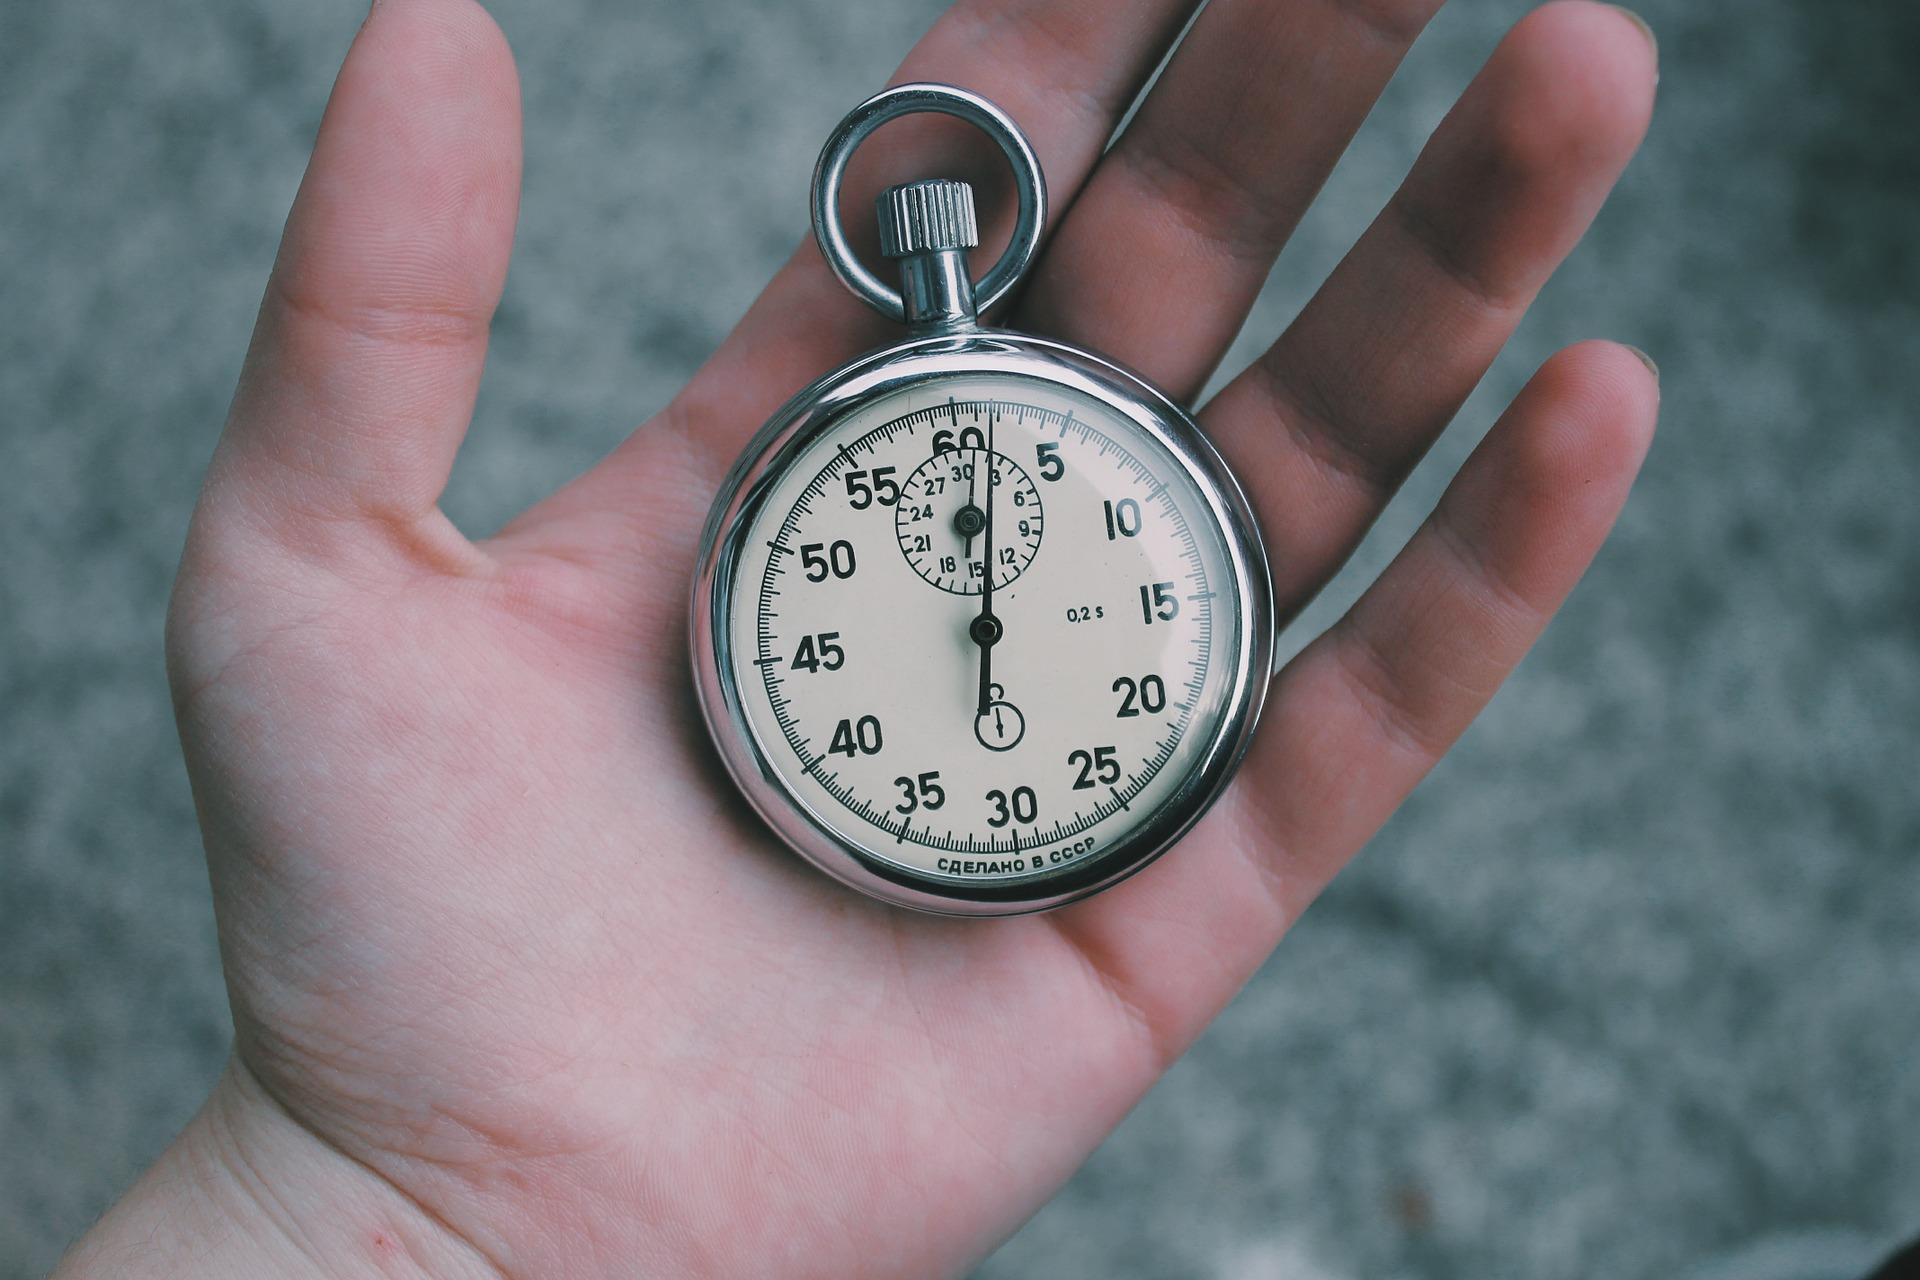 Idő, óra, 5 perc